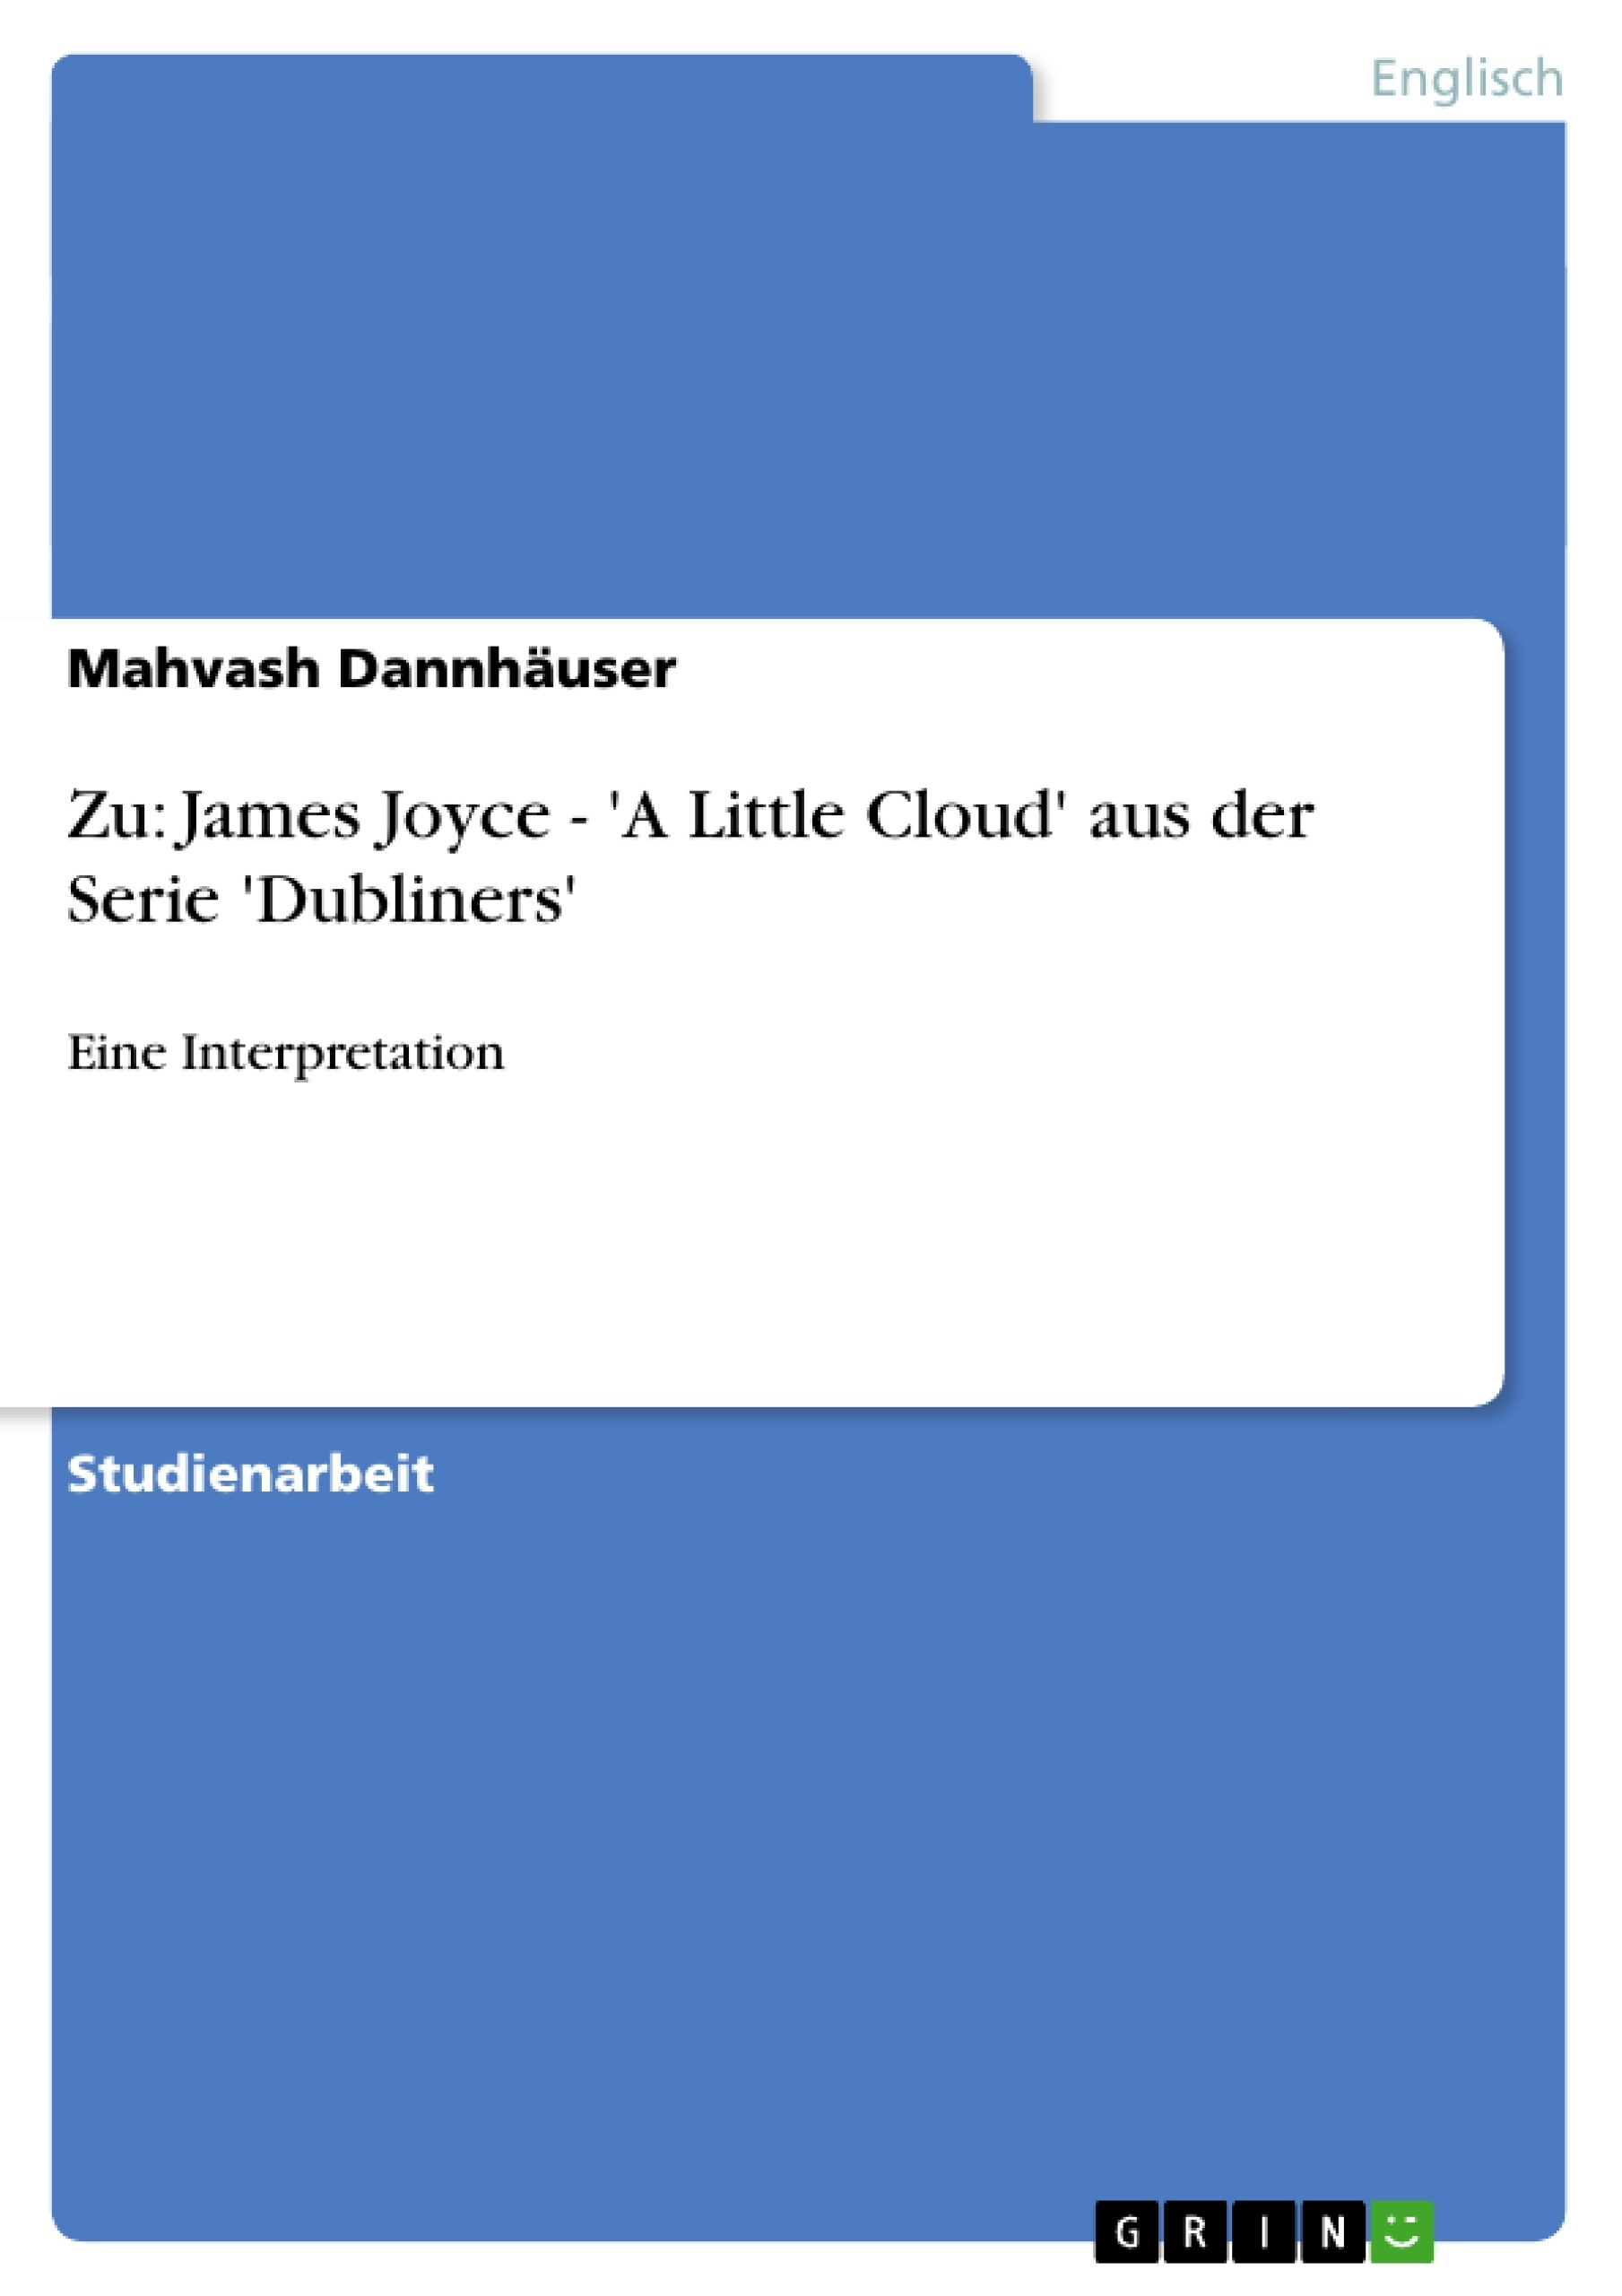 Titel: Zu: James Joyce -  'A Little Cloud' aus der Serie 'Dubliners'